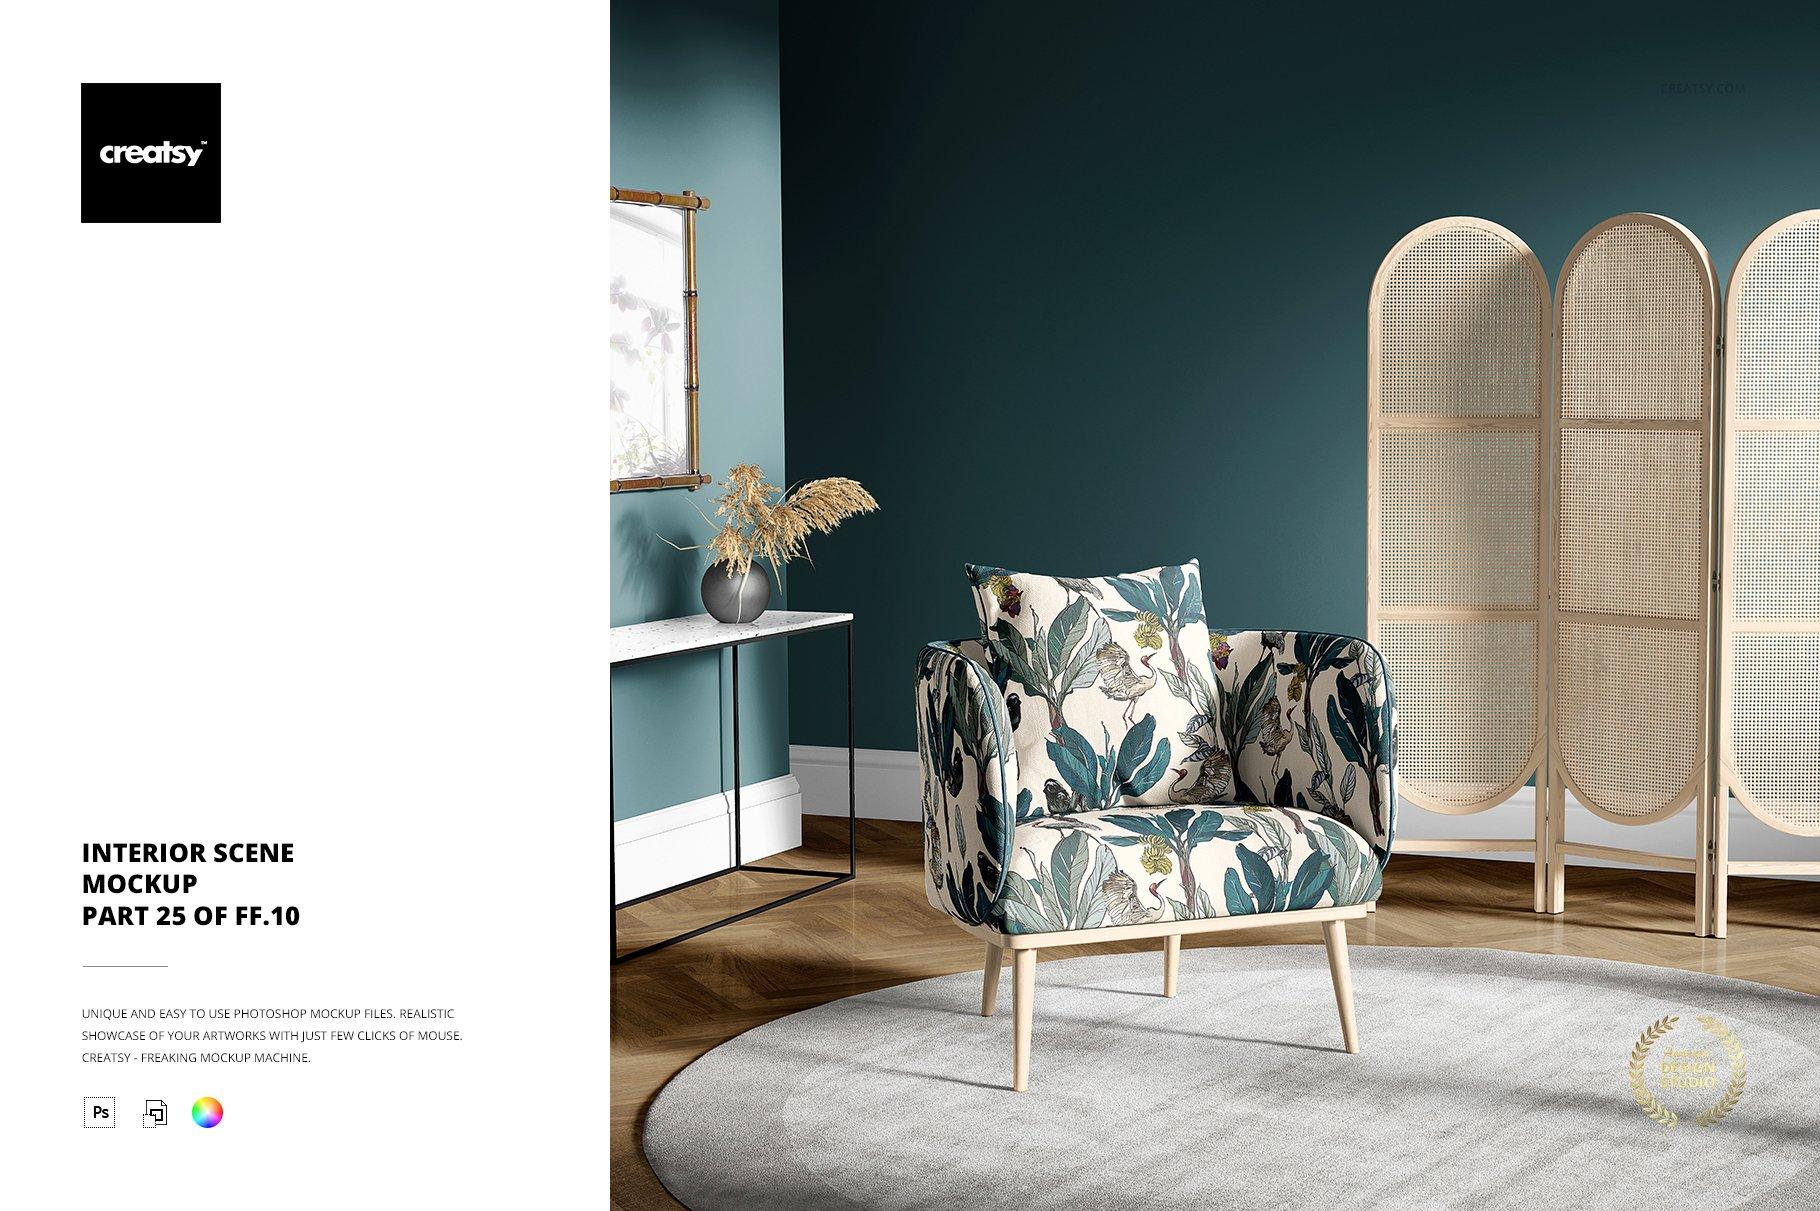 室内场景扶手椅子面料印花图案设计展示PS样机模板素材 Interior Scene Mockup (25FFv.10)插图